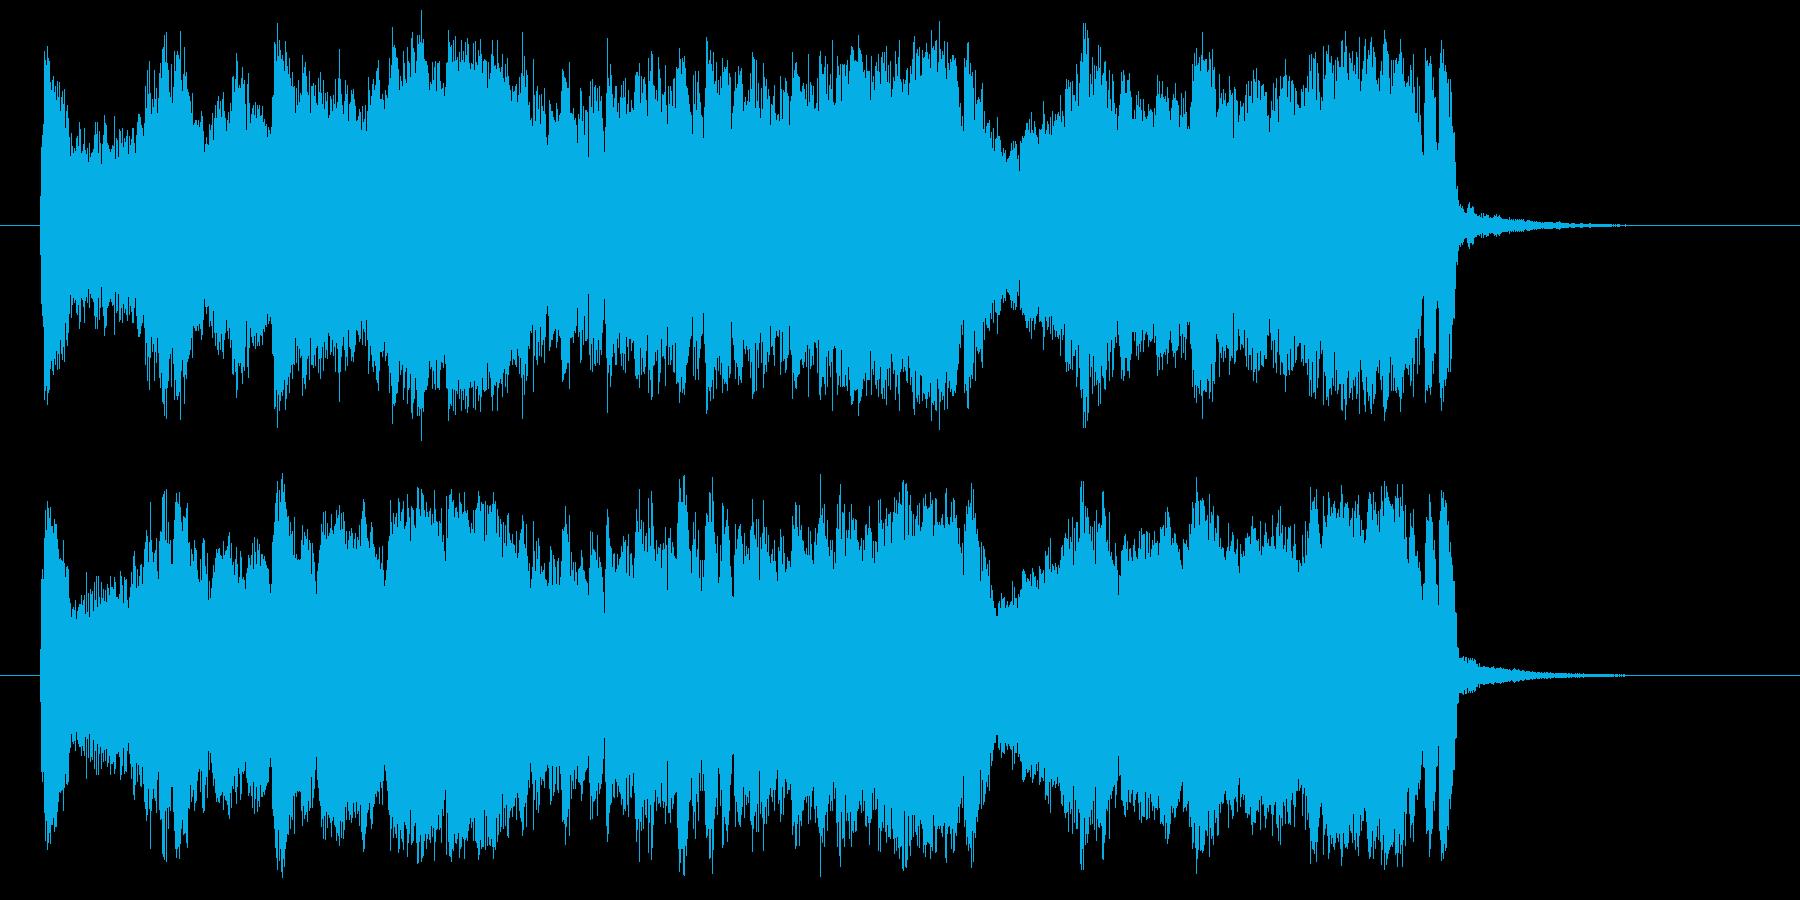 心弾むワクワクするトランペットジングルの再生済みの波形